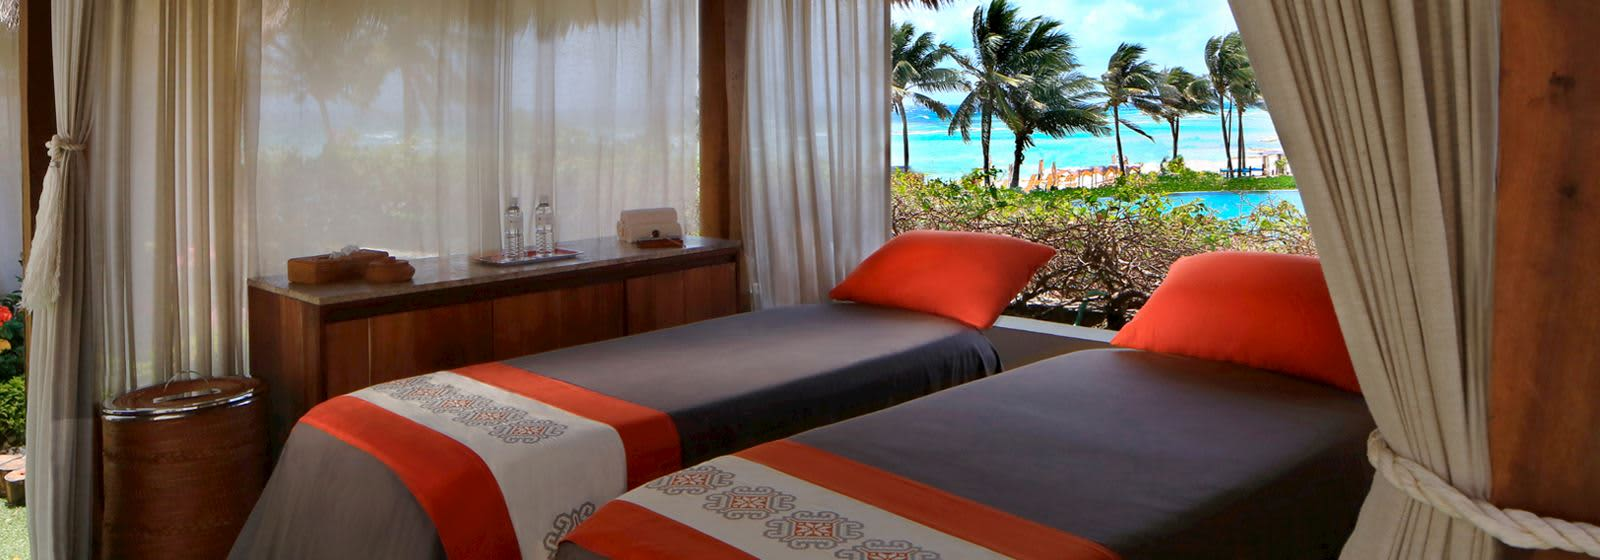 Servicios de Spa en Grand Velas Riviera Maya